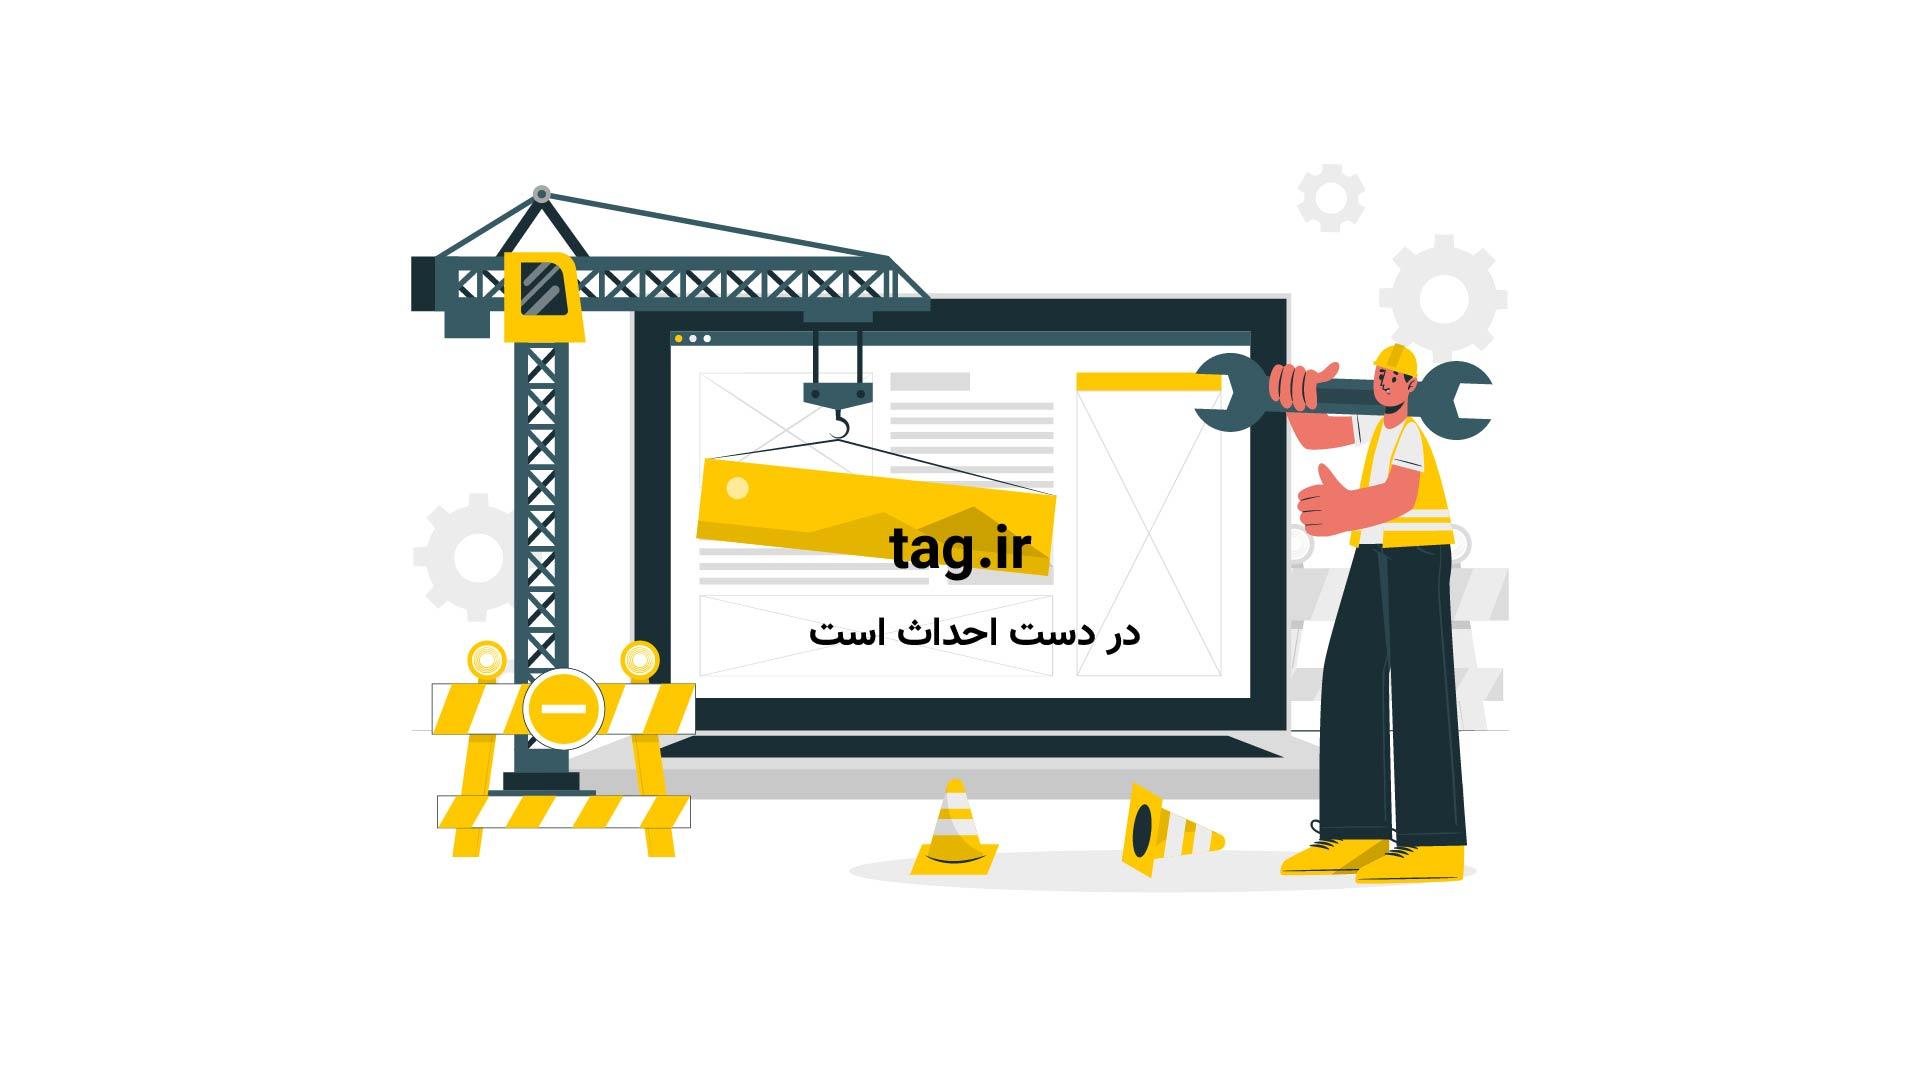 آبشار زیبای میلاش در استان گیلان | فیلم